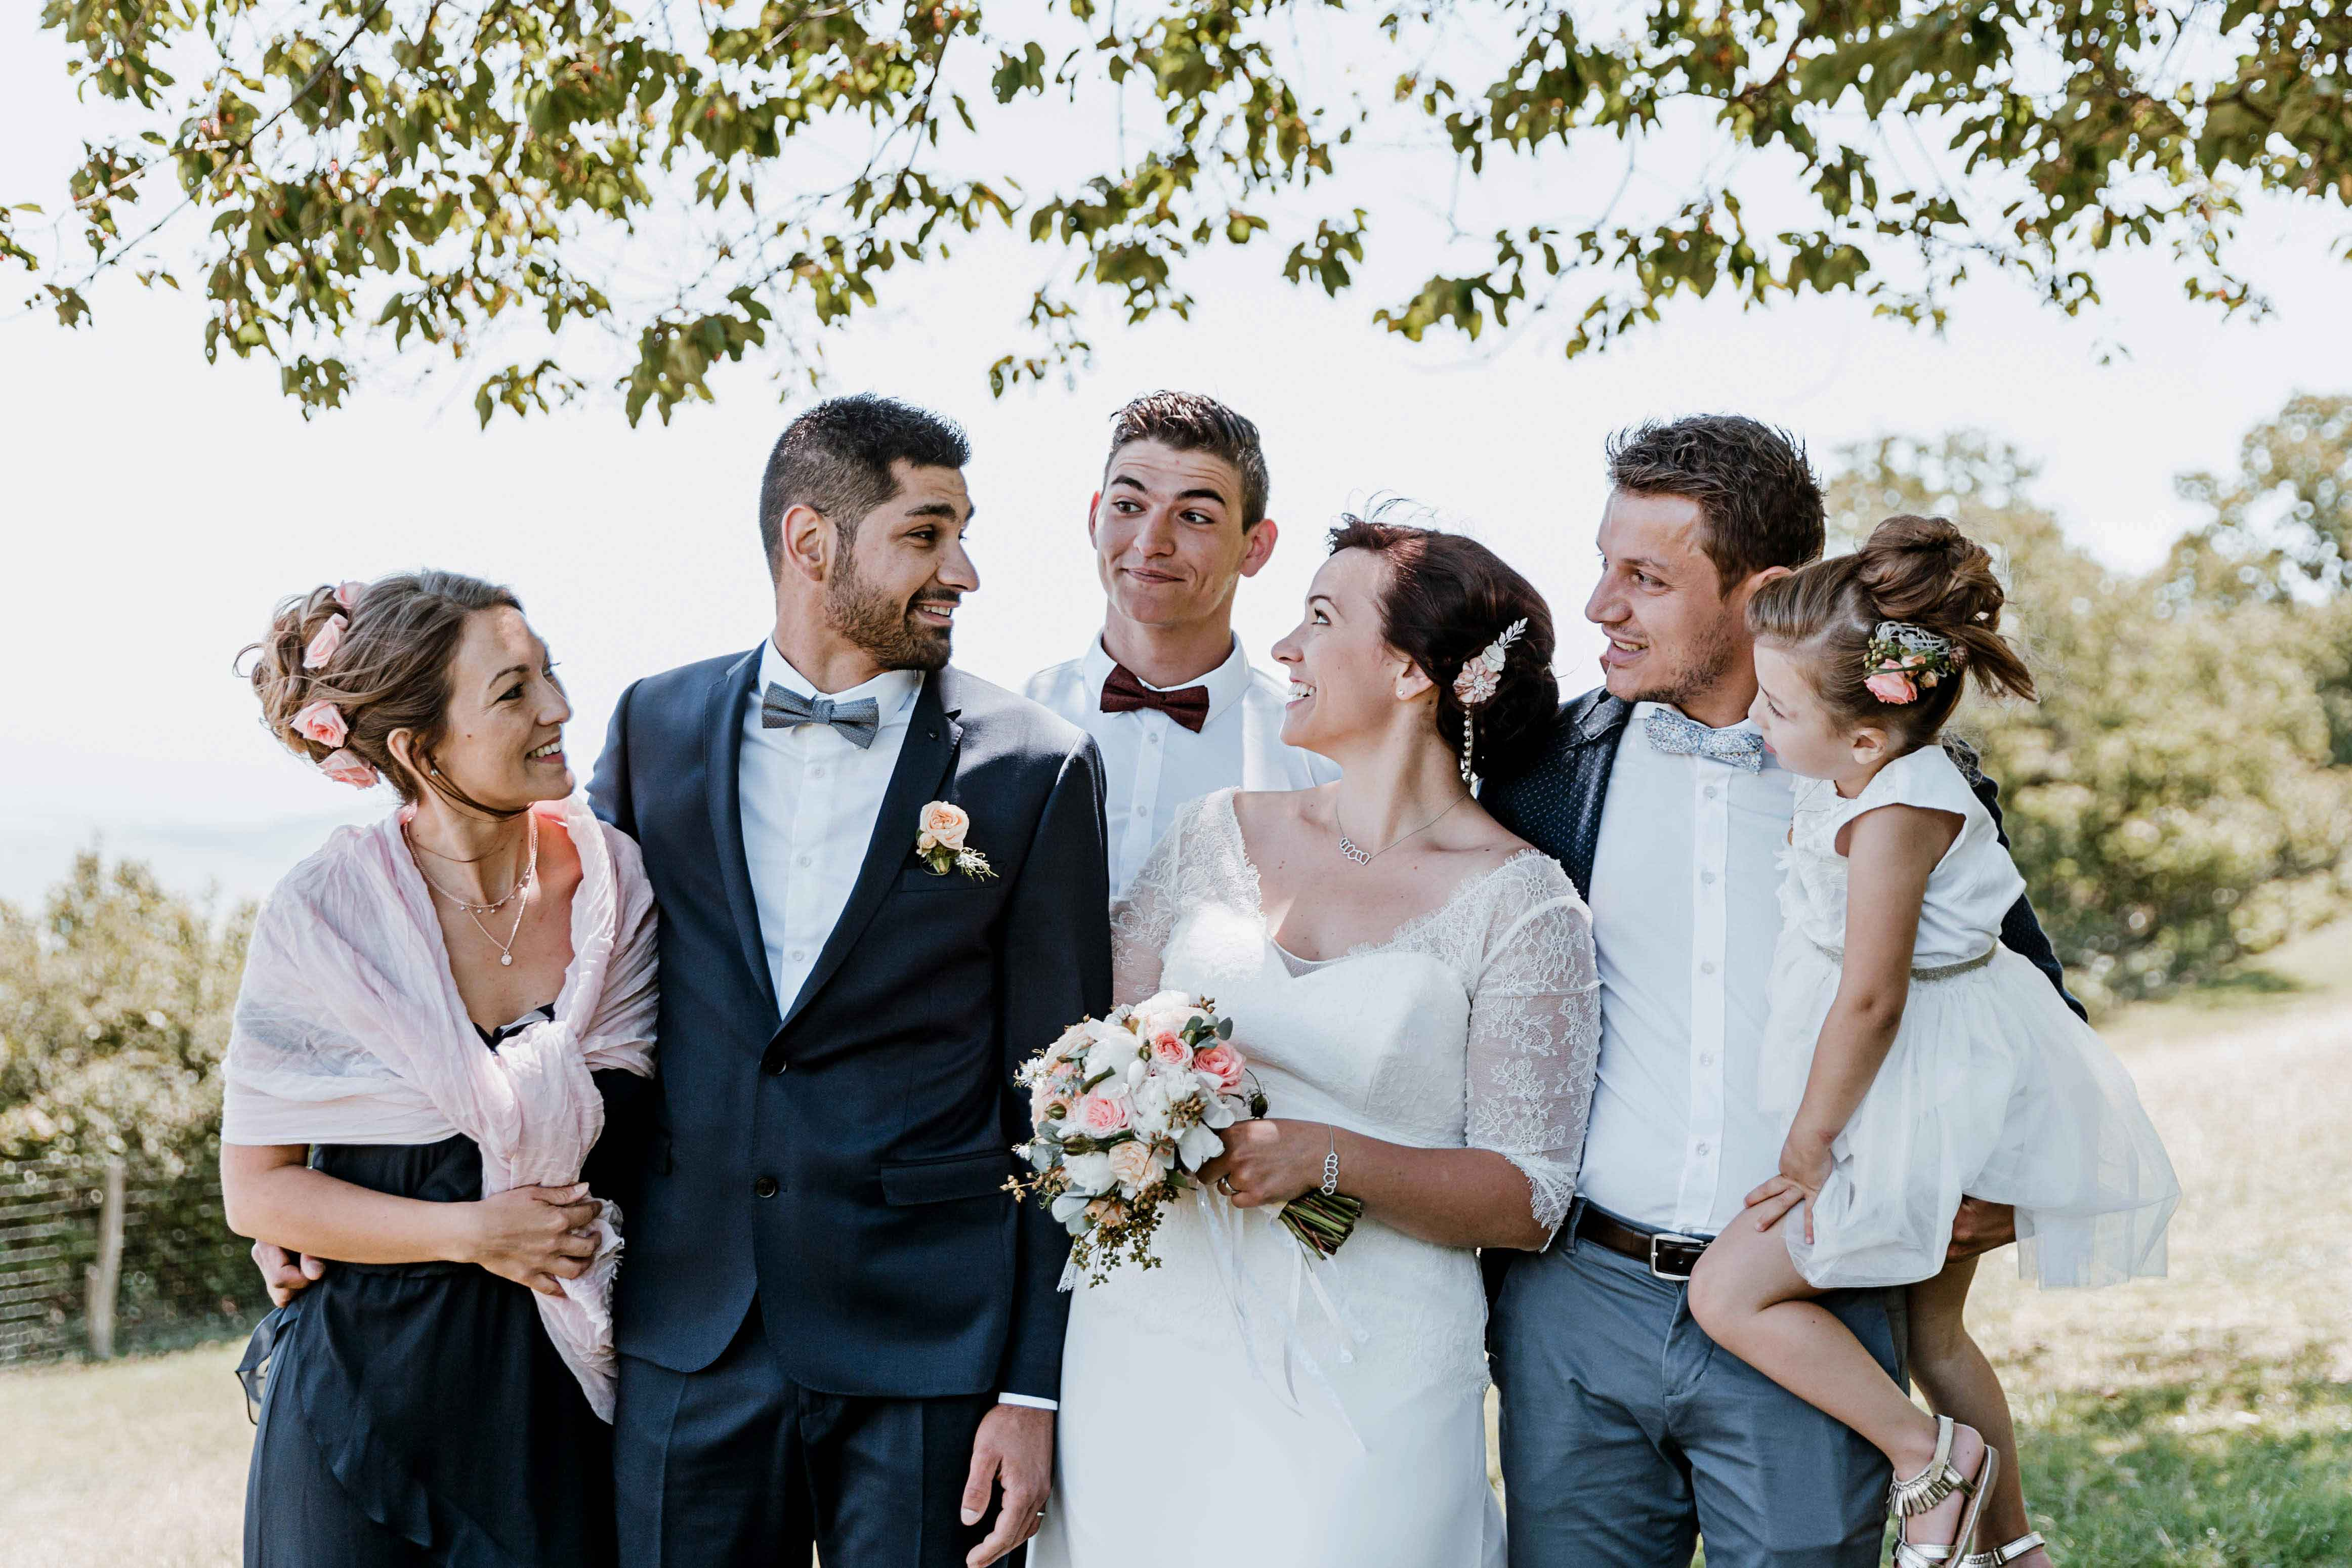 photographe beaujolais lyon mariage famille photo groupe